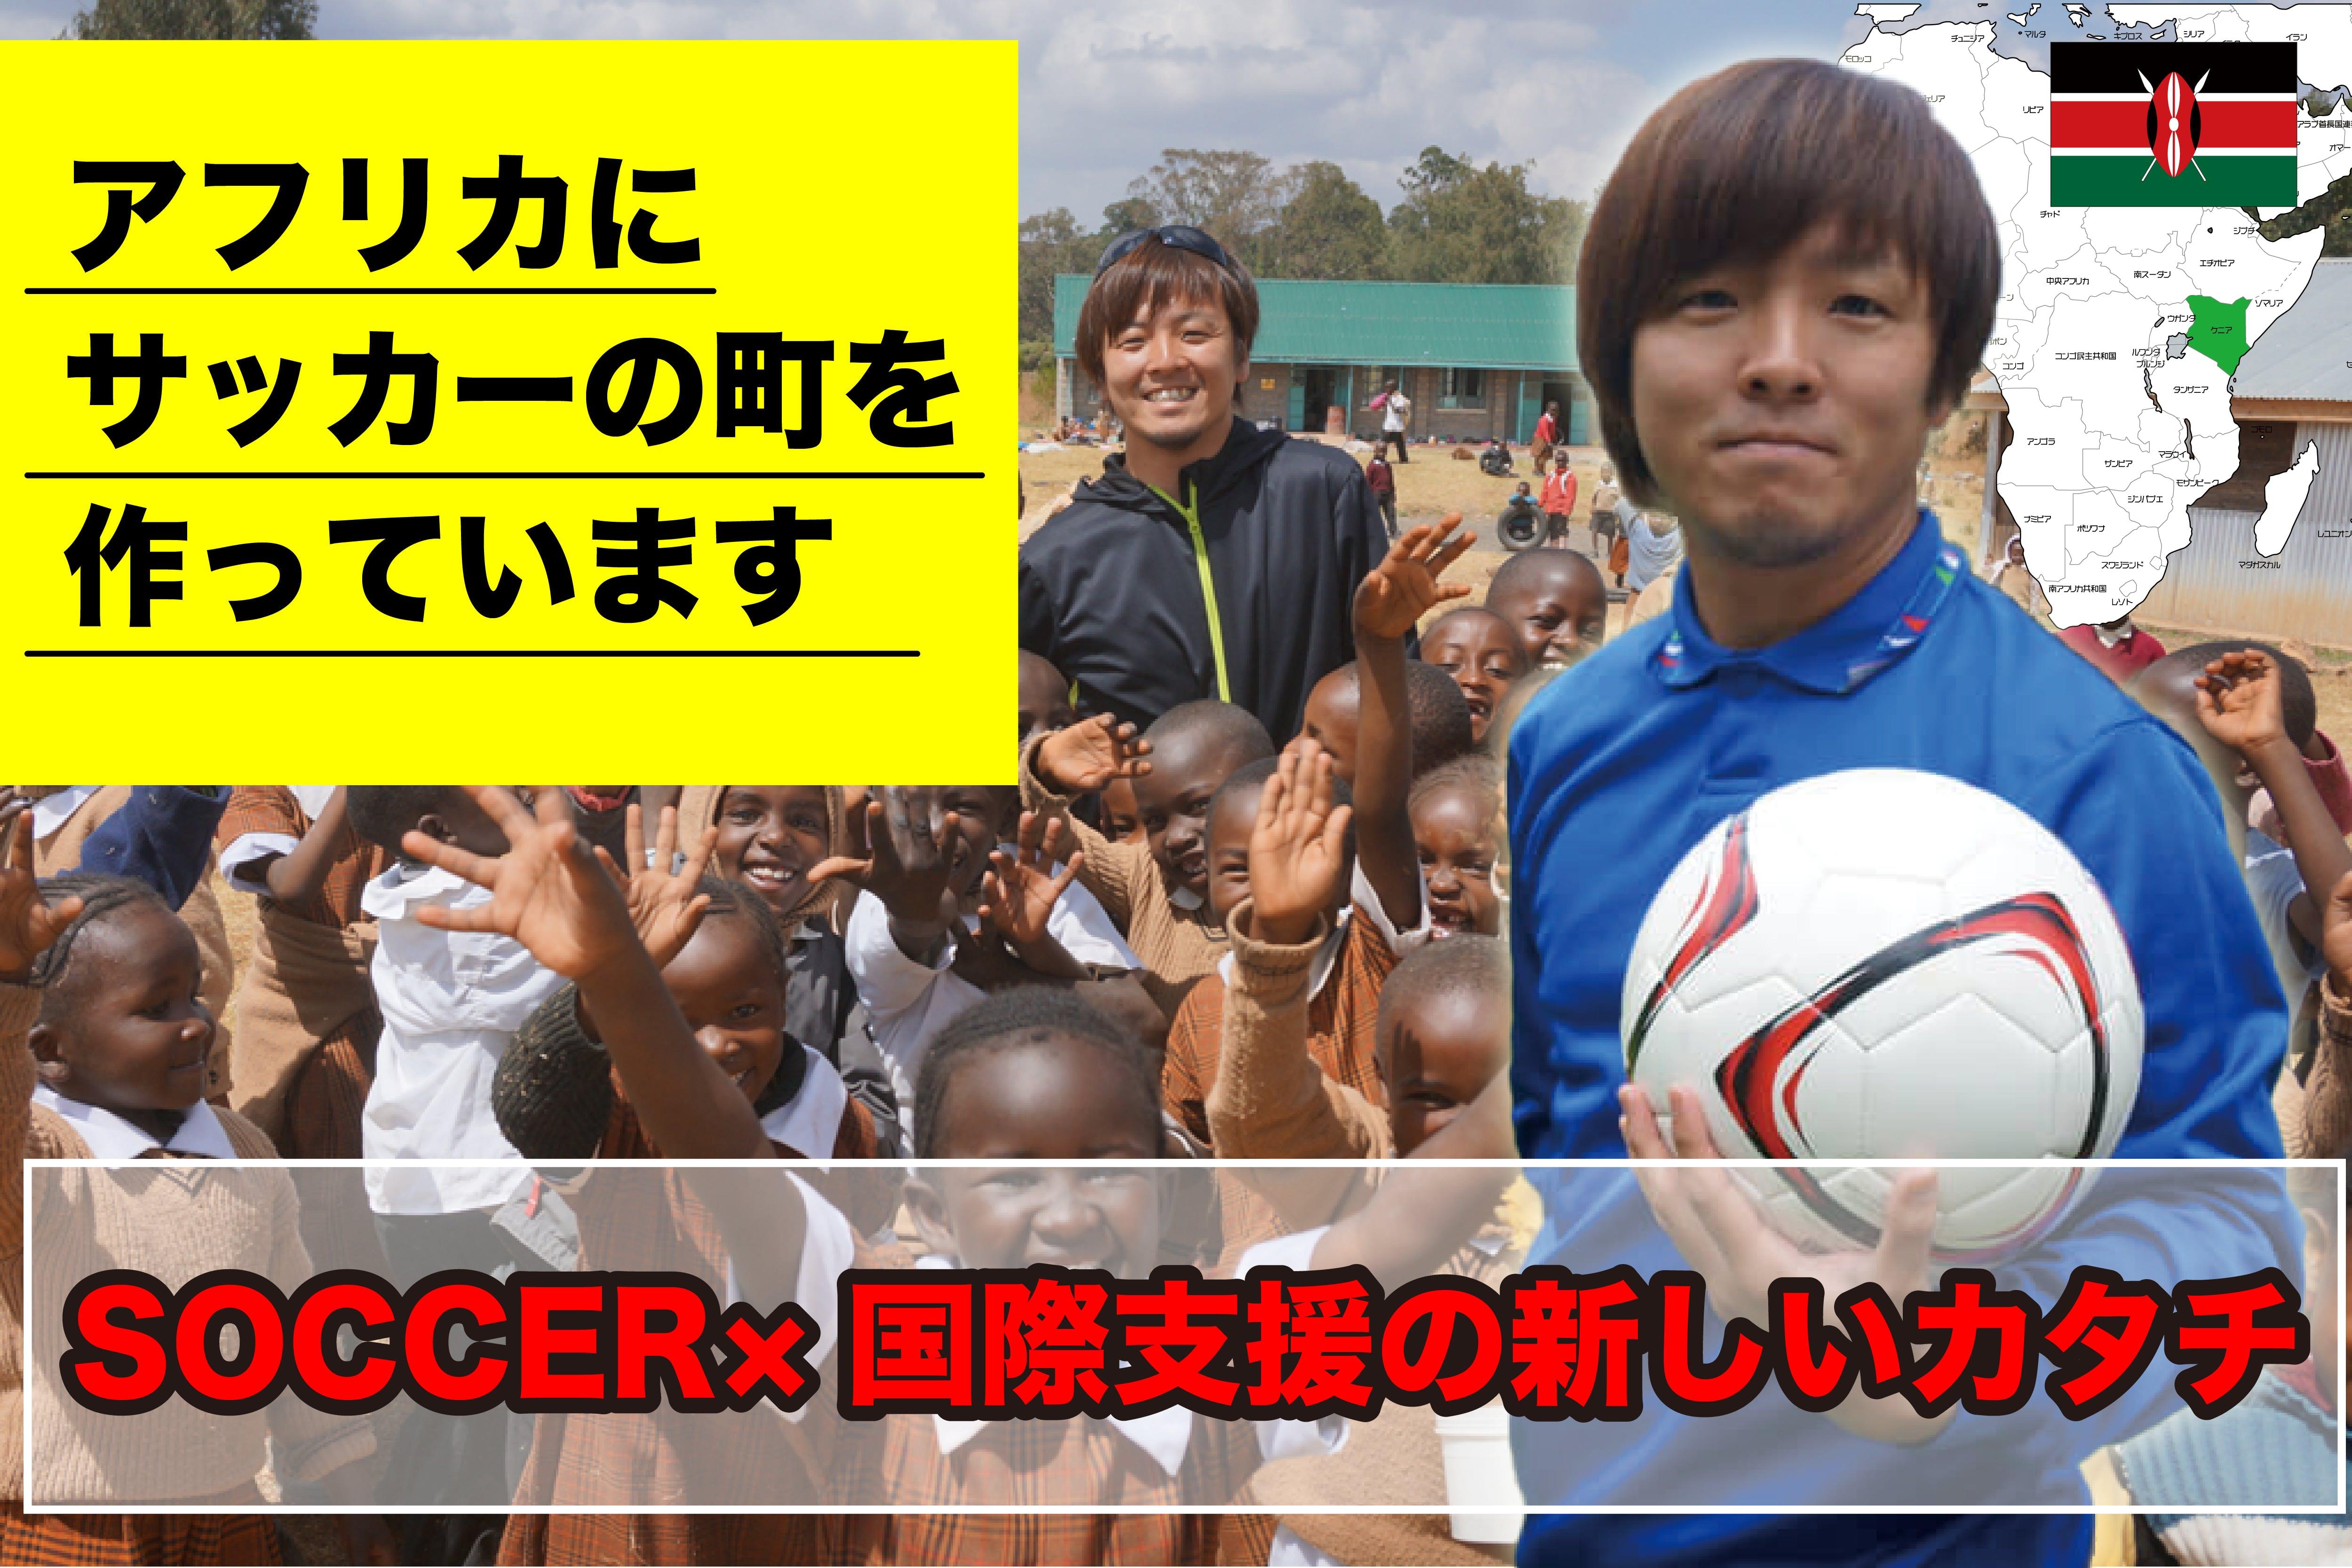 アフリカにサッカーの町をつくっています!サッカー×国際支援の新しいカタチ!!